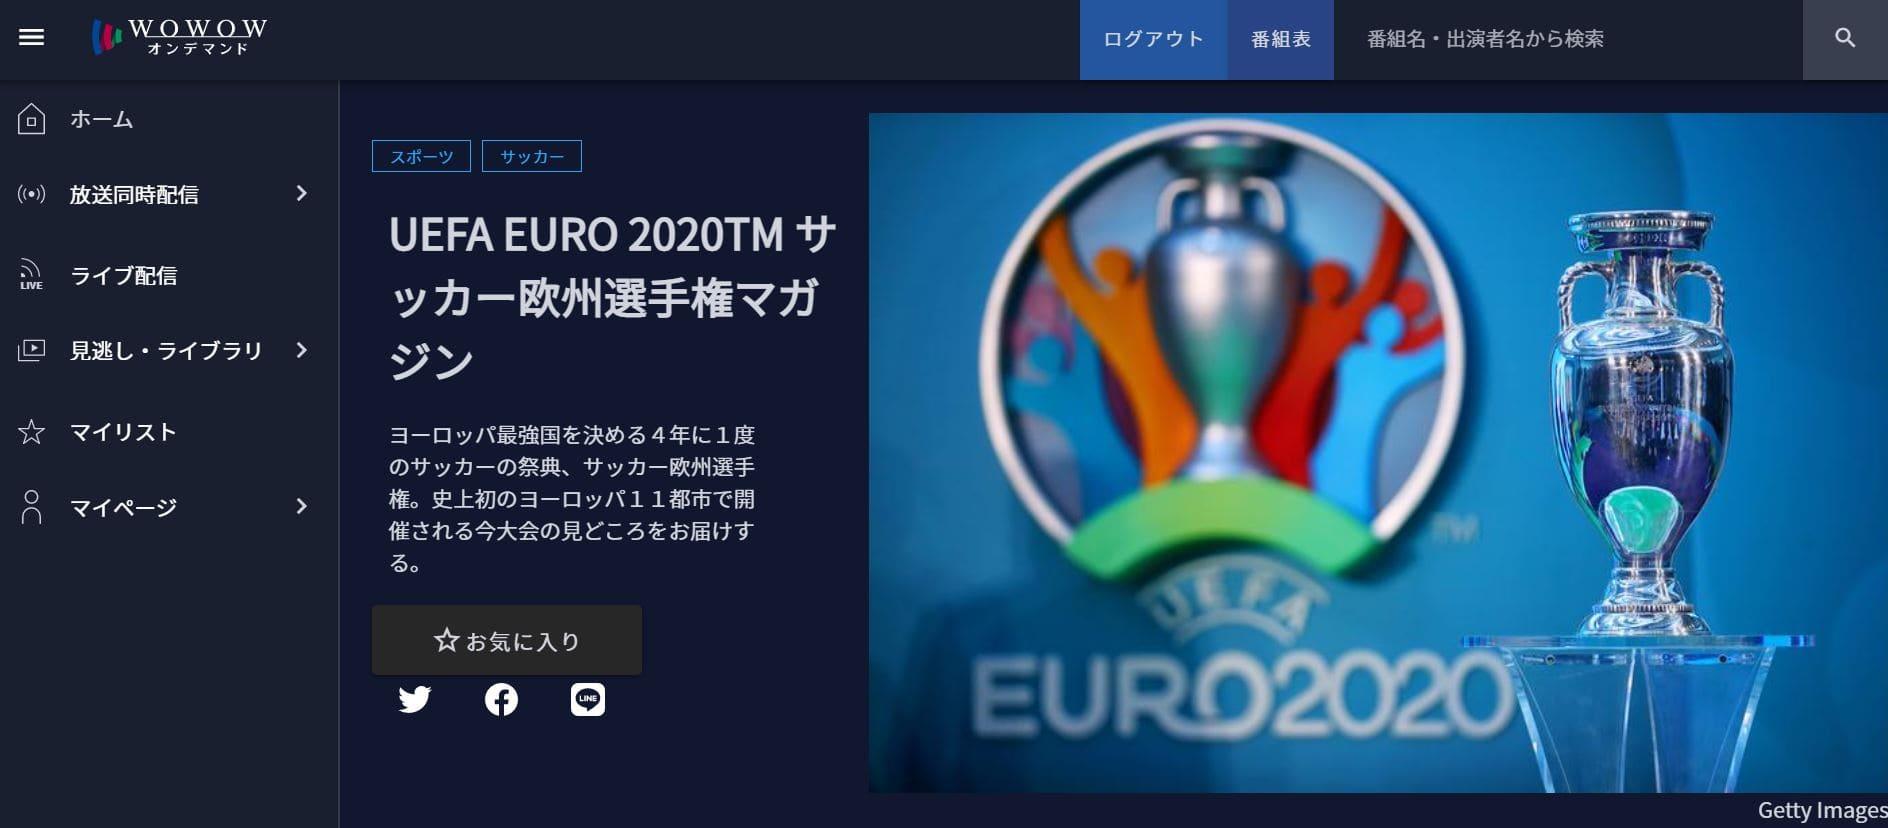 UEFAユーロ2020サッカー欧州選手権マガジン